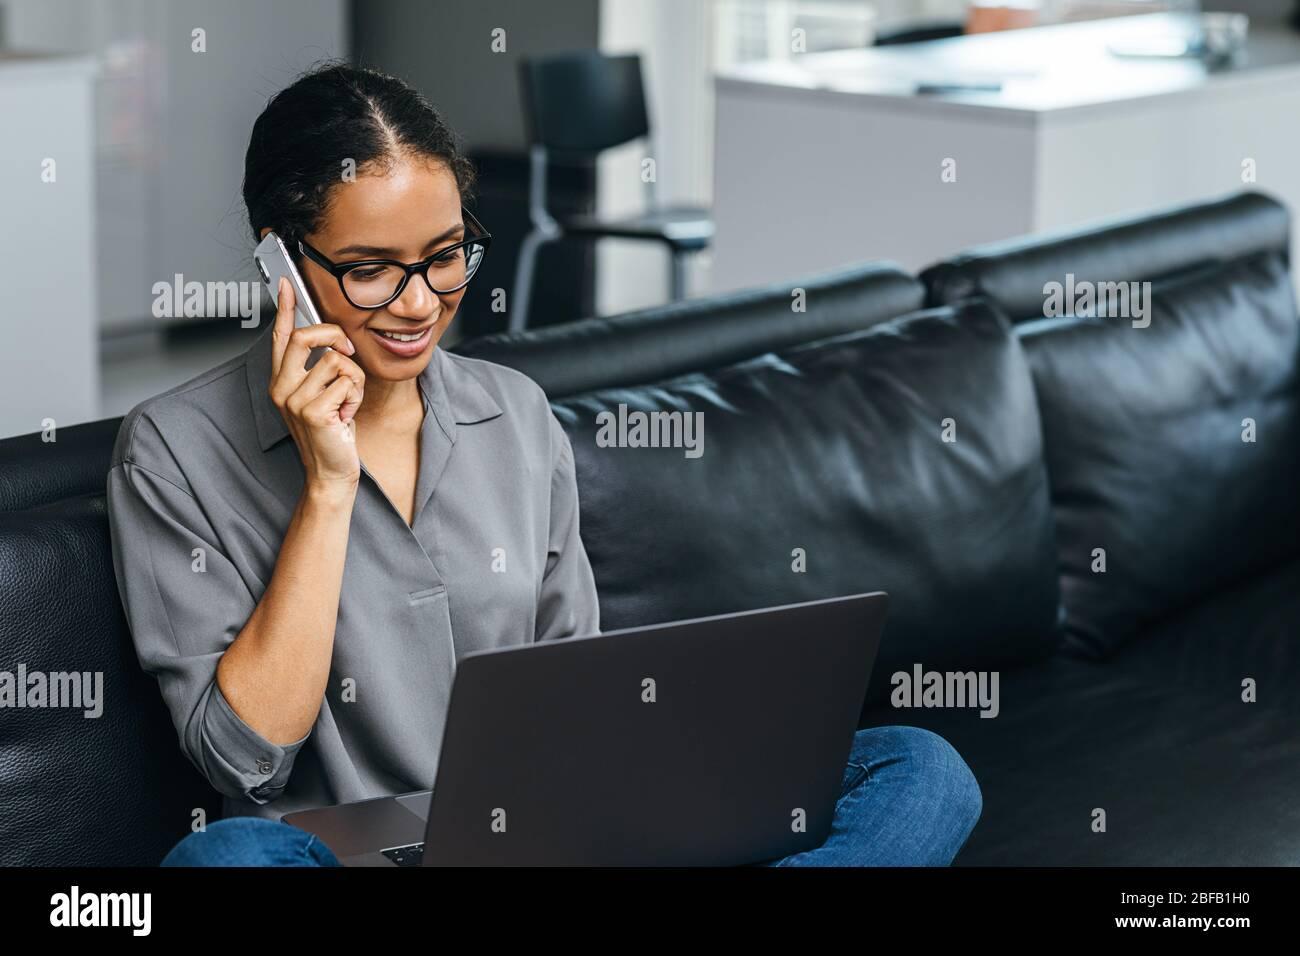 Belle femme utilisant un smartphone ayant un appel téléphonique de son appartement. Femme d'affaires en train de discuter assis sur un canapé. Banque D'Images